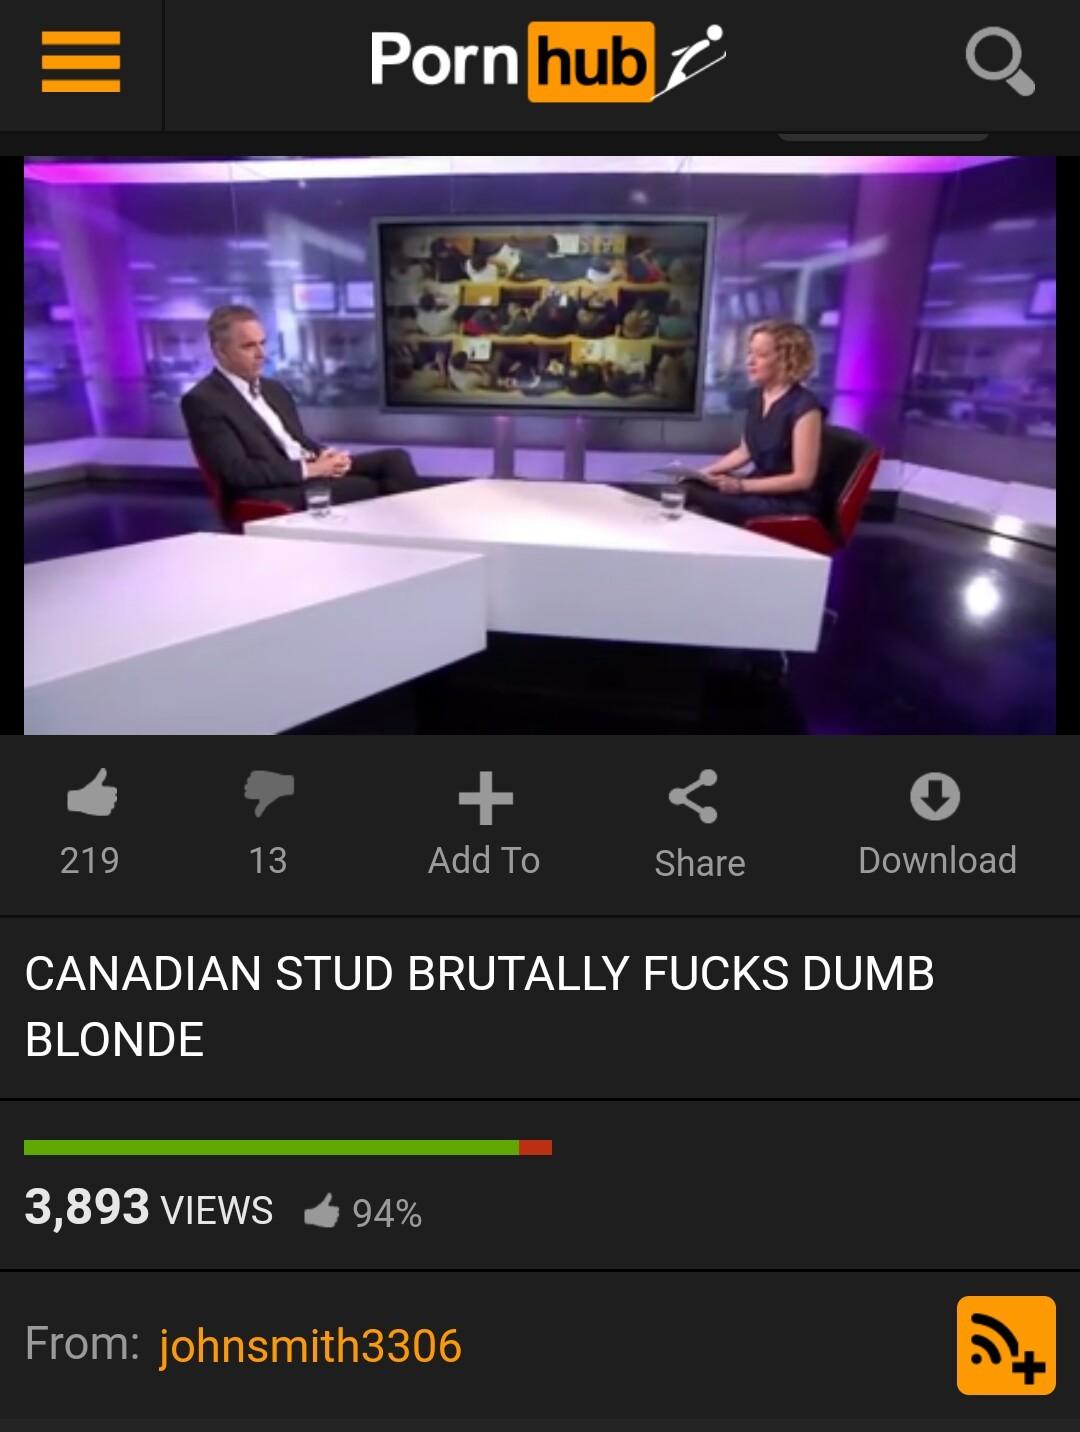 Actually found this on pornhub - meme